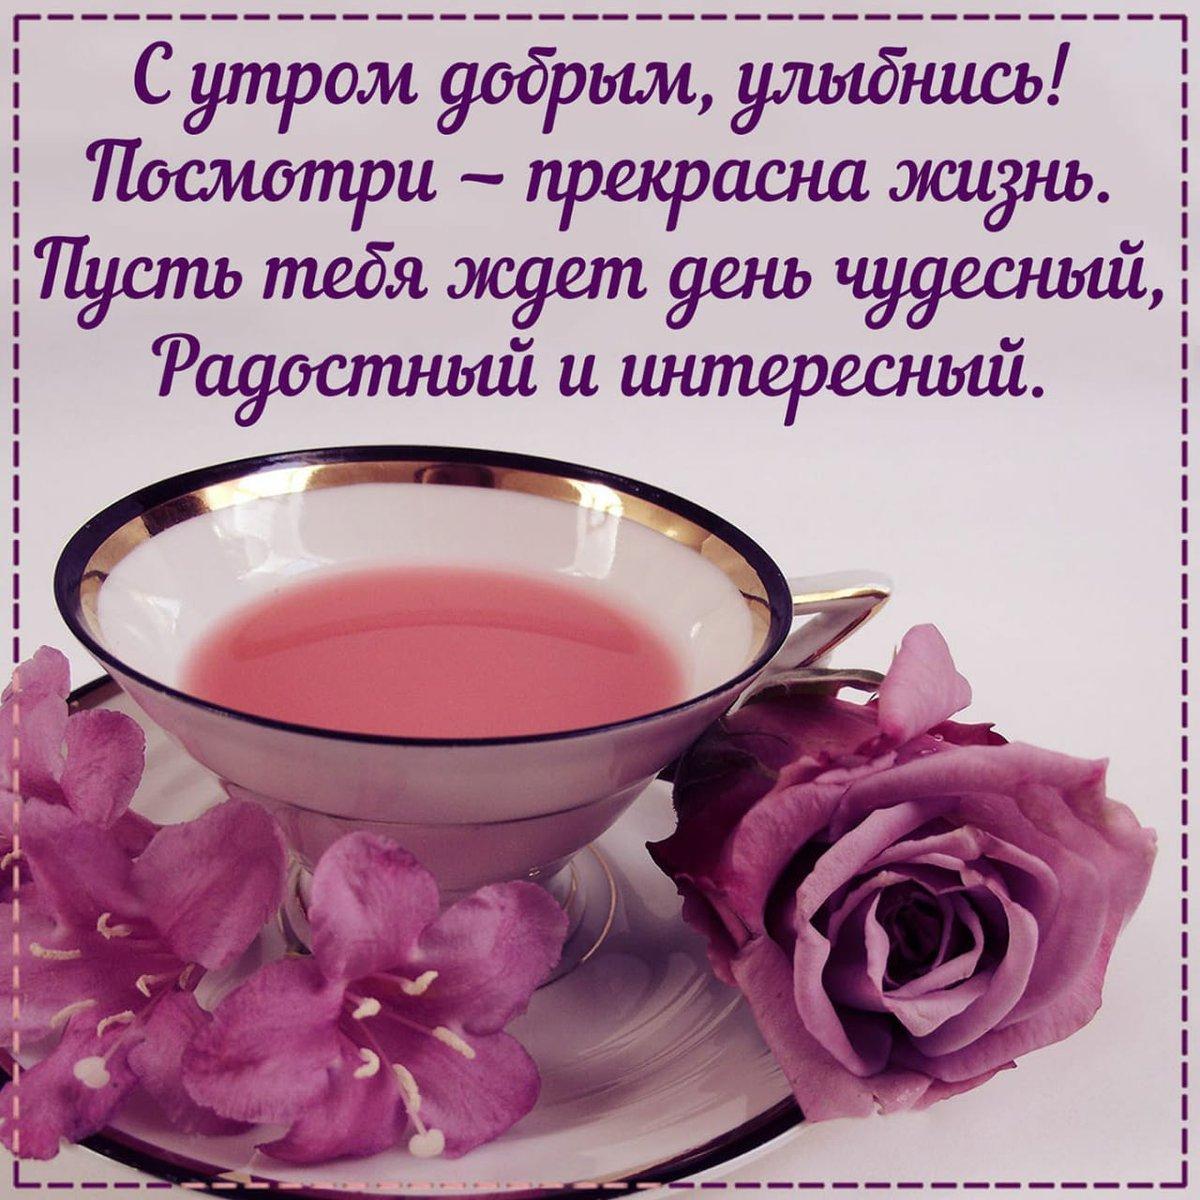 Утра, картинки доброго утра и дня хорошему человеку